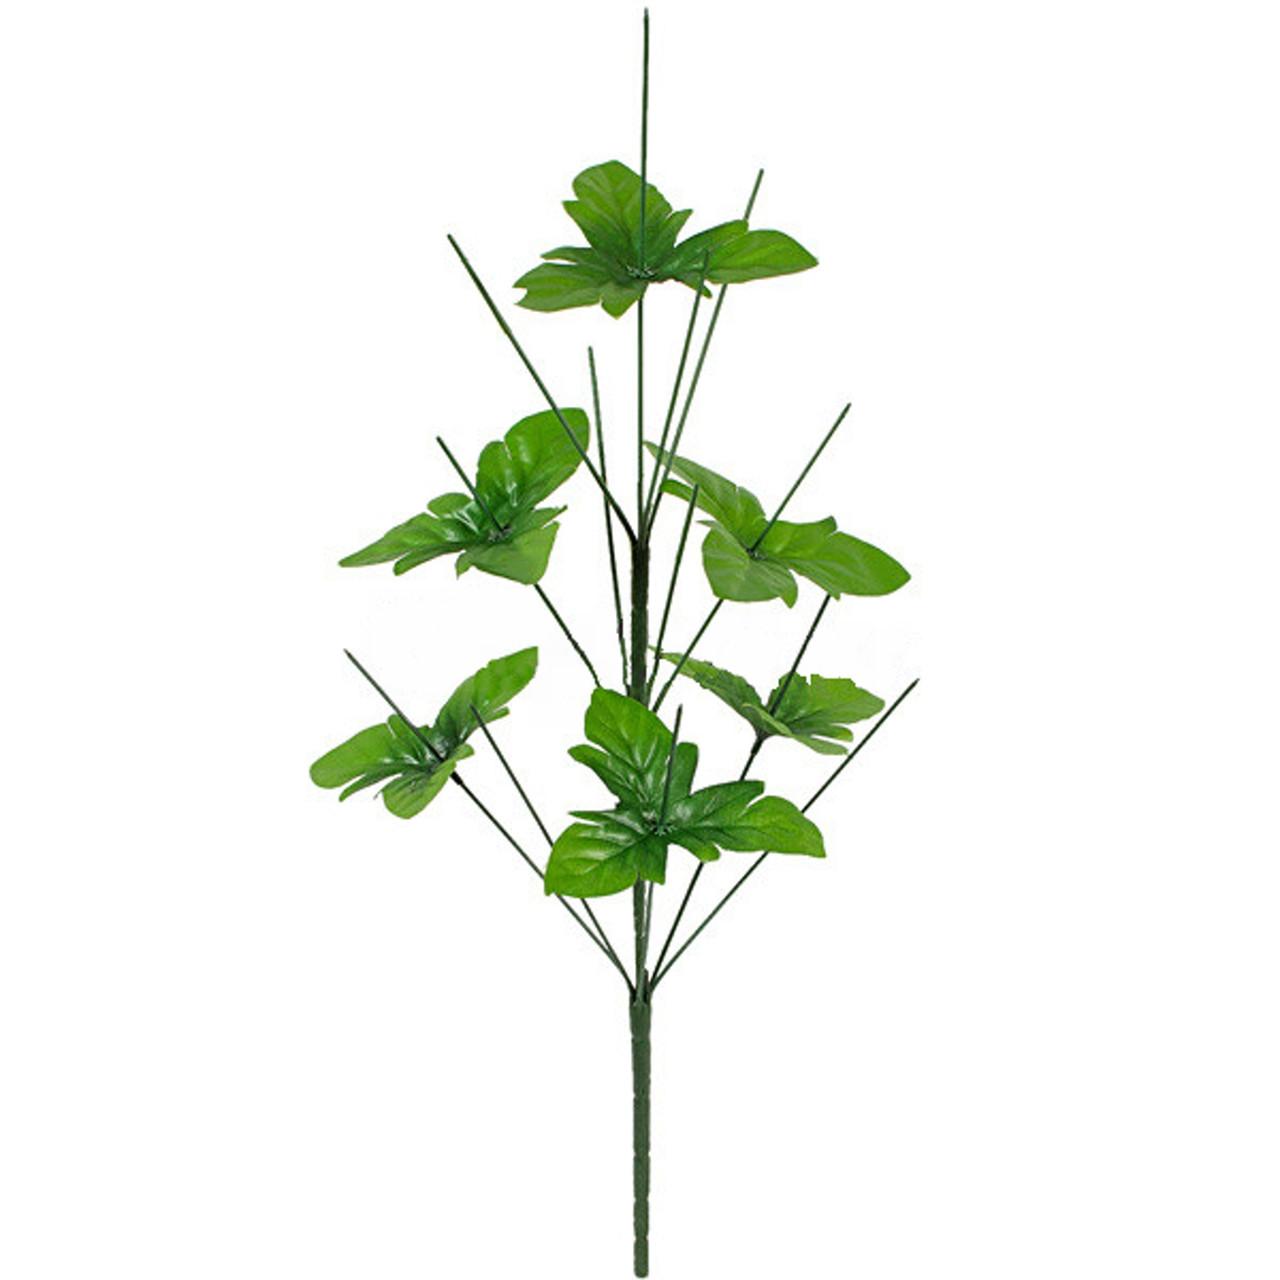 Нога букетная 13-ка высокая с листом, 61см (Н-131)